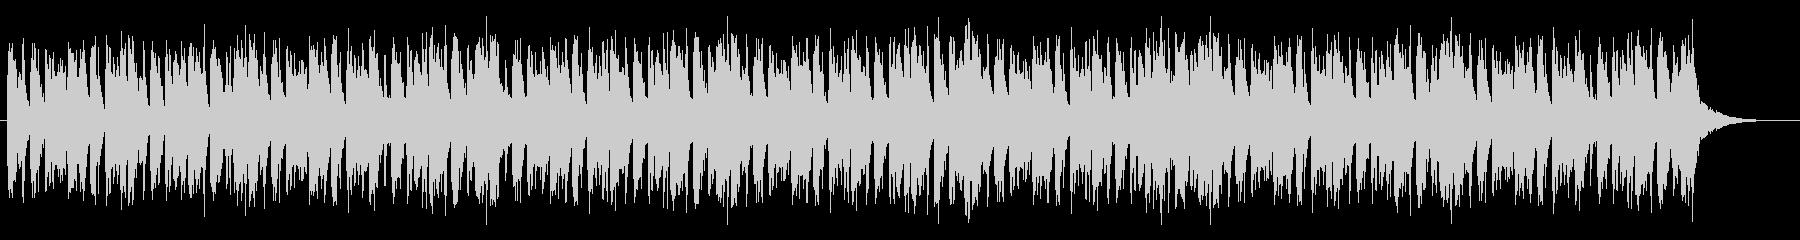 バイオリンとパーカッションによるBGMの未再生の波形